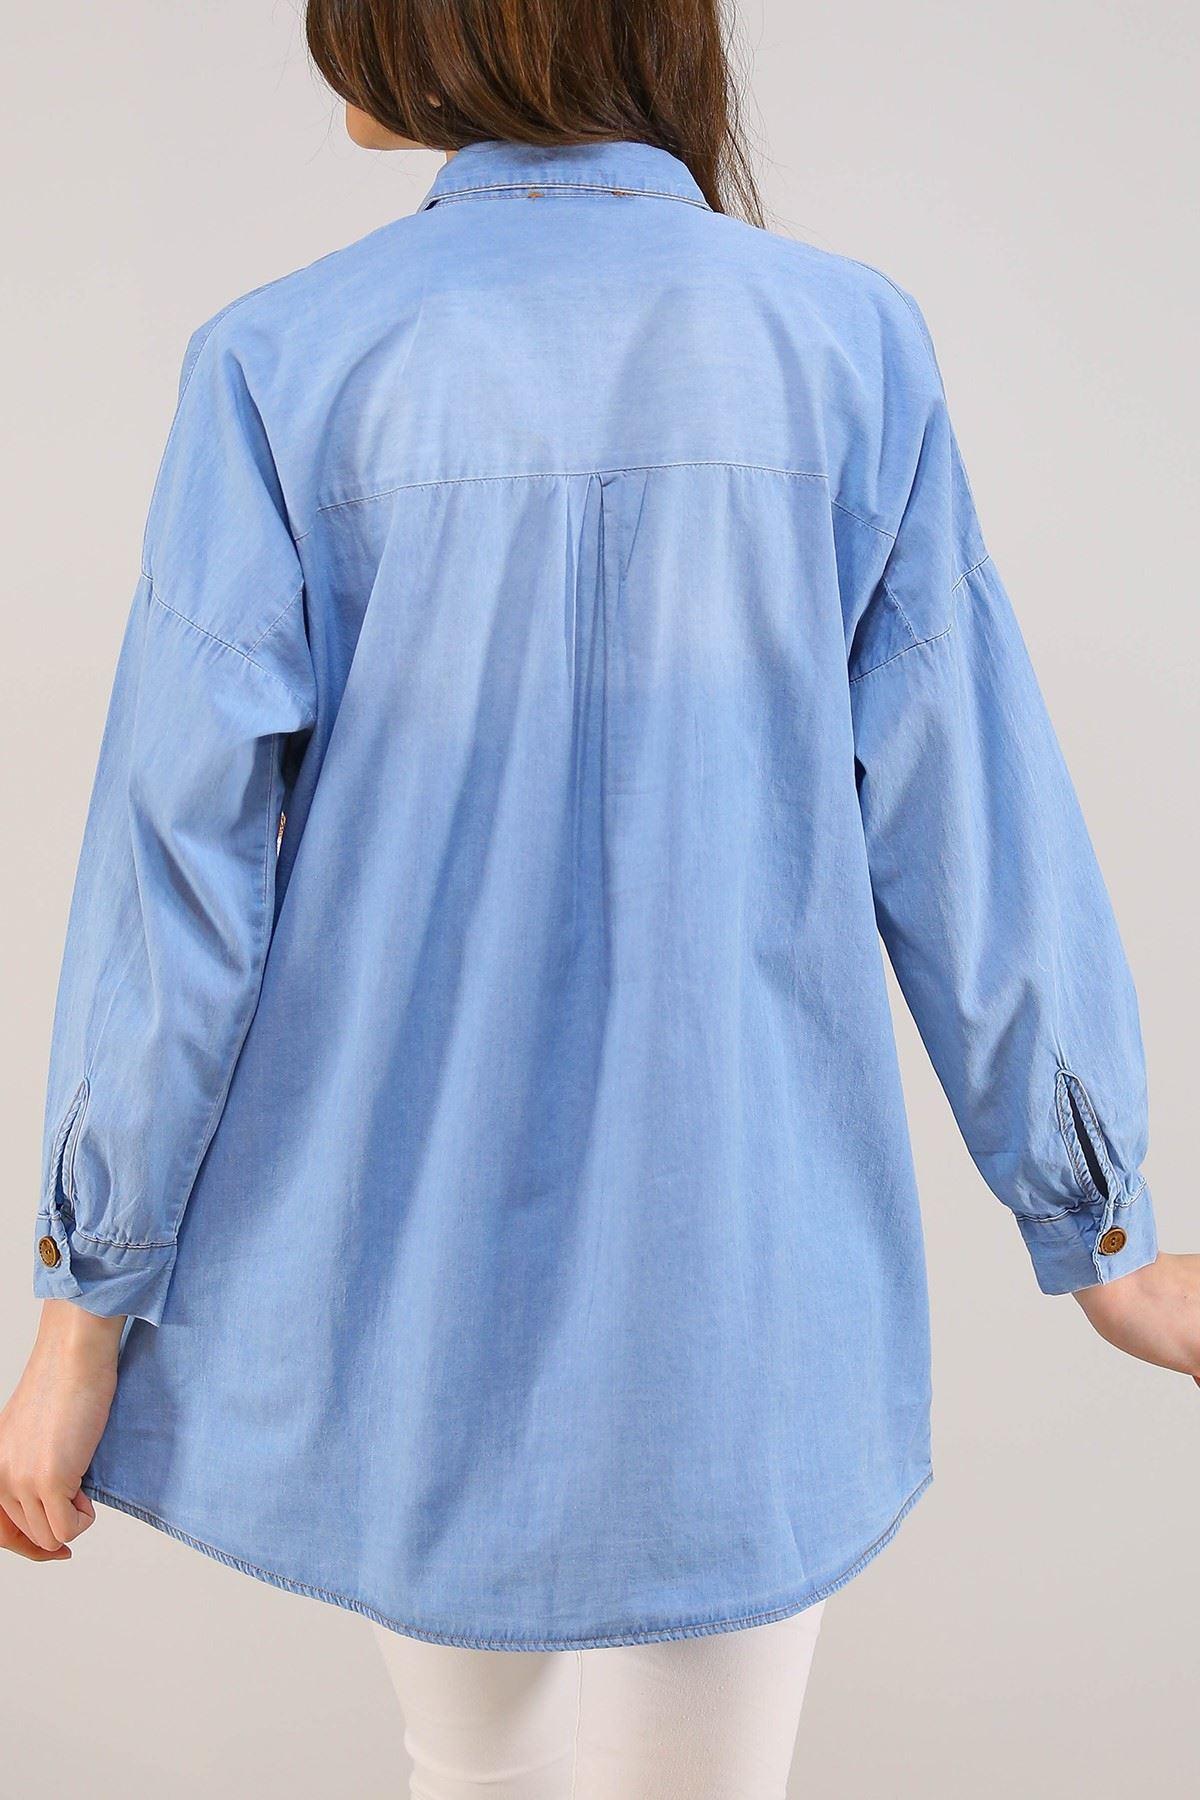 Ayıcıklı Kadın Kot Gömlek Açıkmavi - 8069.1352.